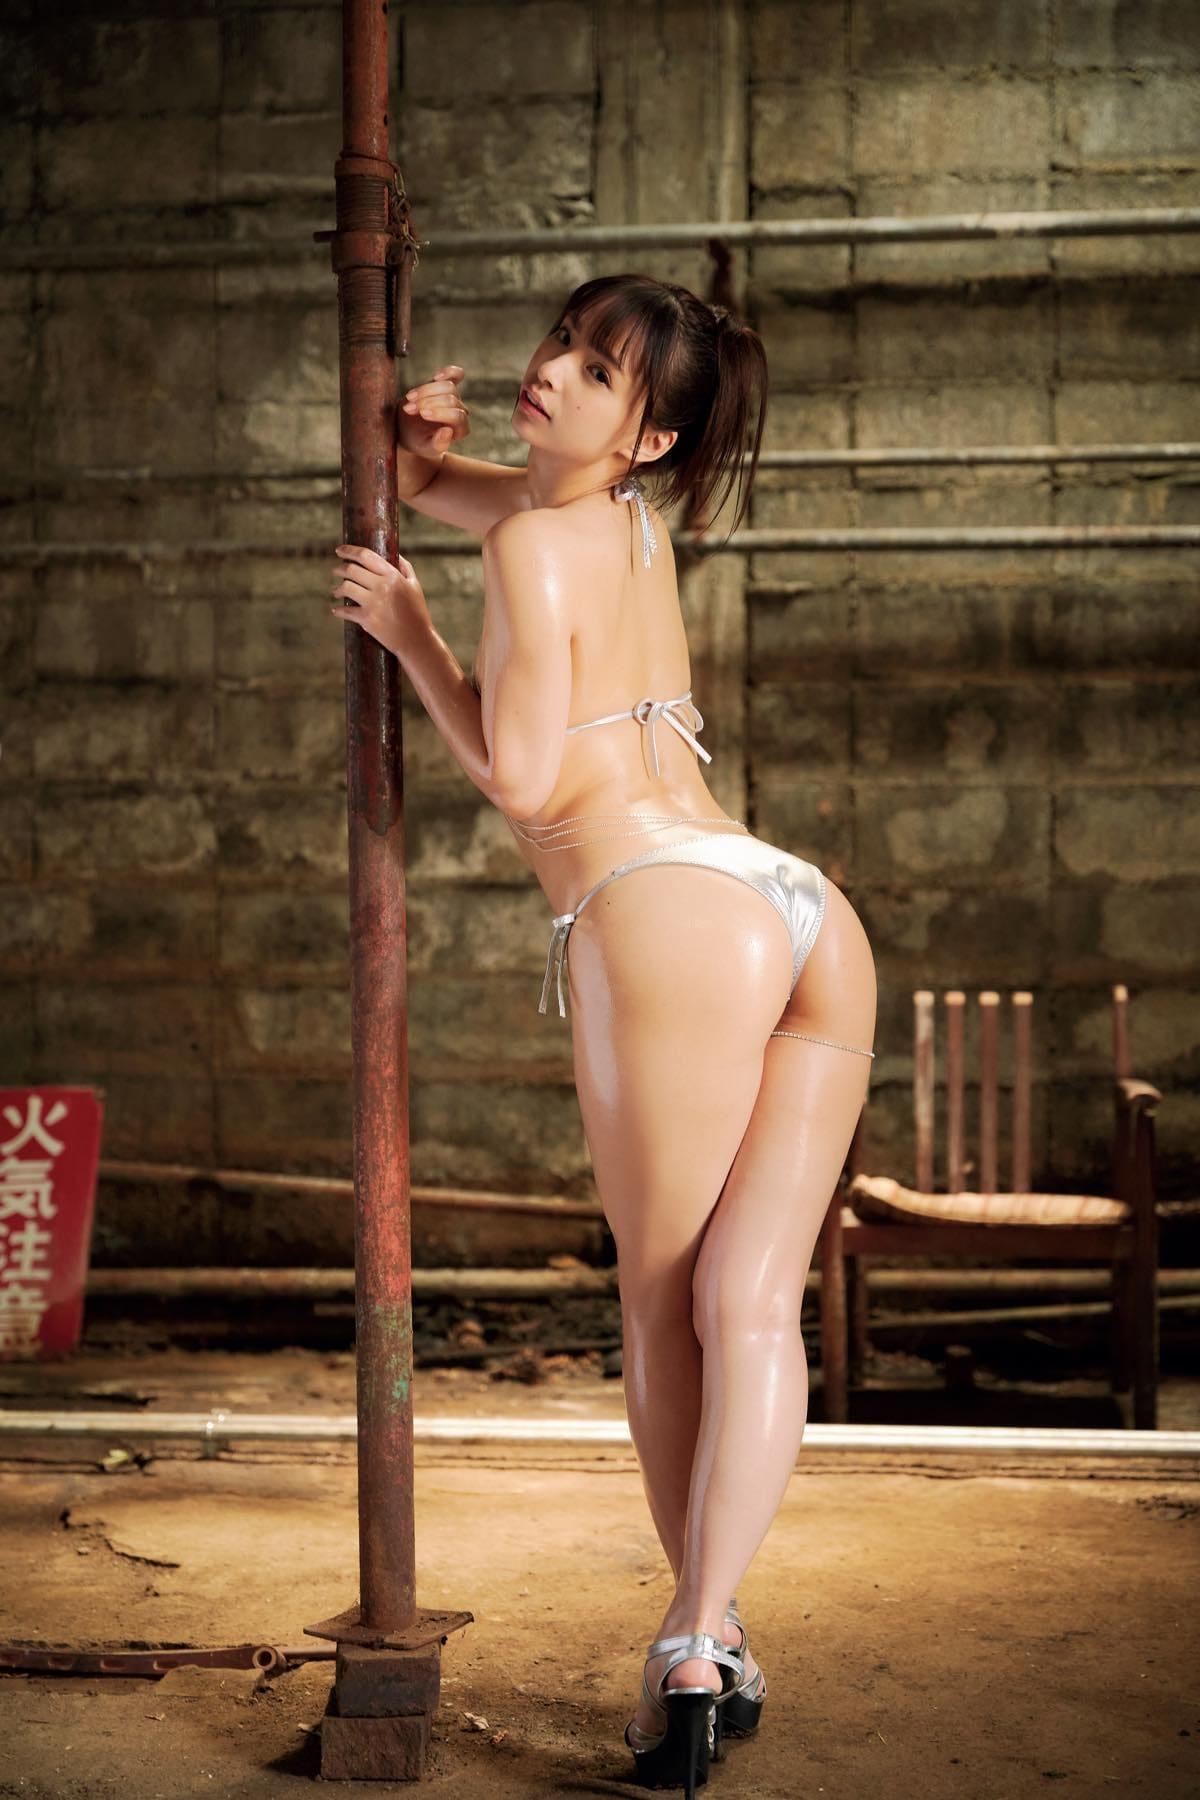 鶴巻星奈「えっちなお尻が魅力」くびれのカーブも絶品!【画像12枚】の画像007